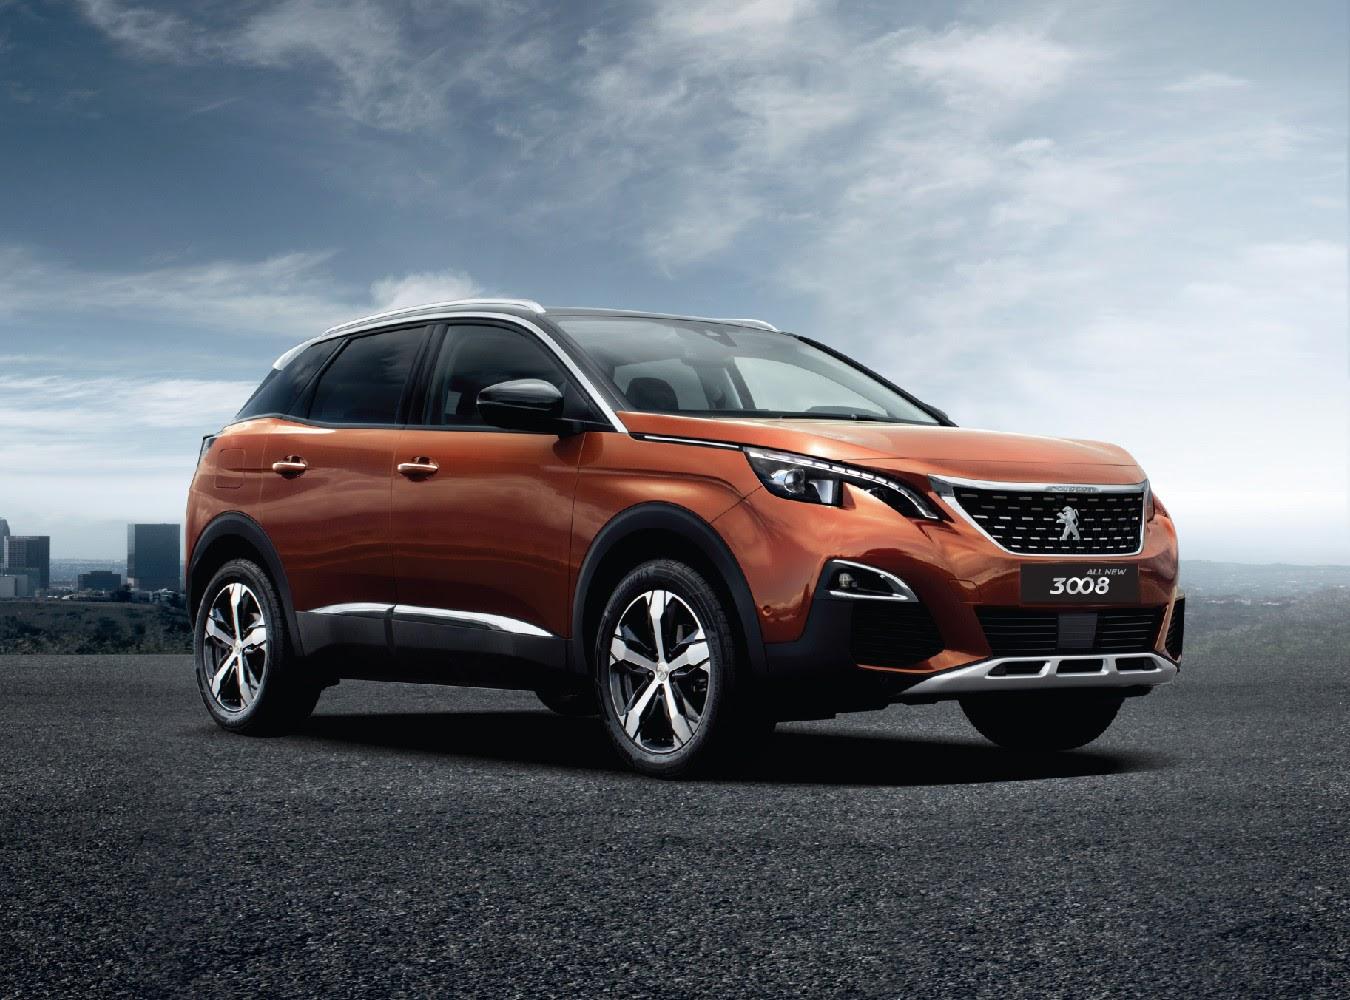 Peugeot - Chiếc xe trong mơ của vô số tín đồ yêu xe hơi